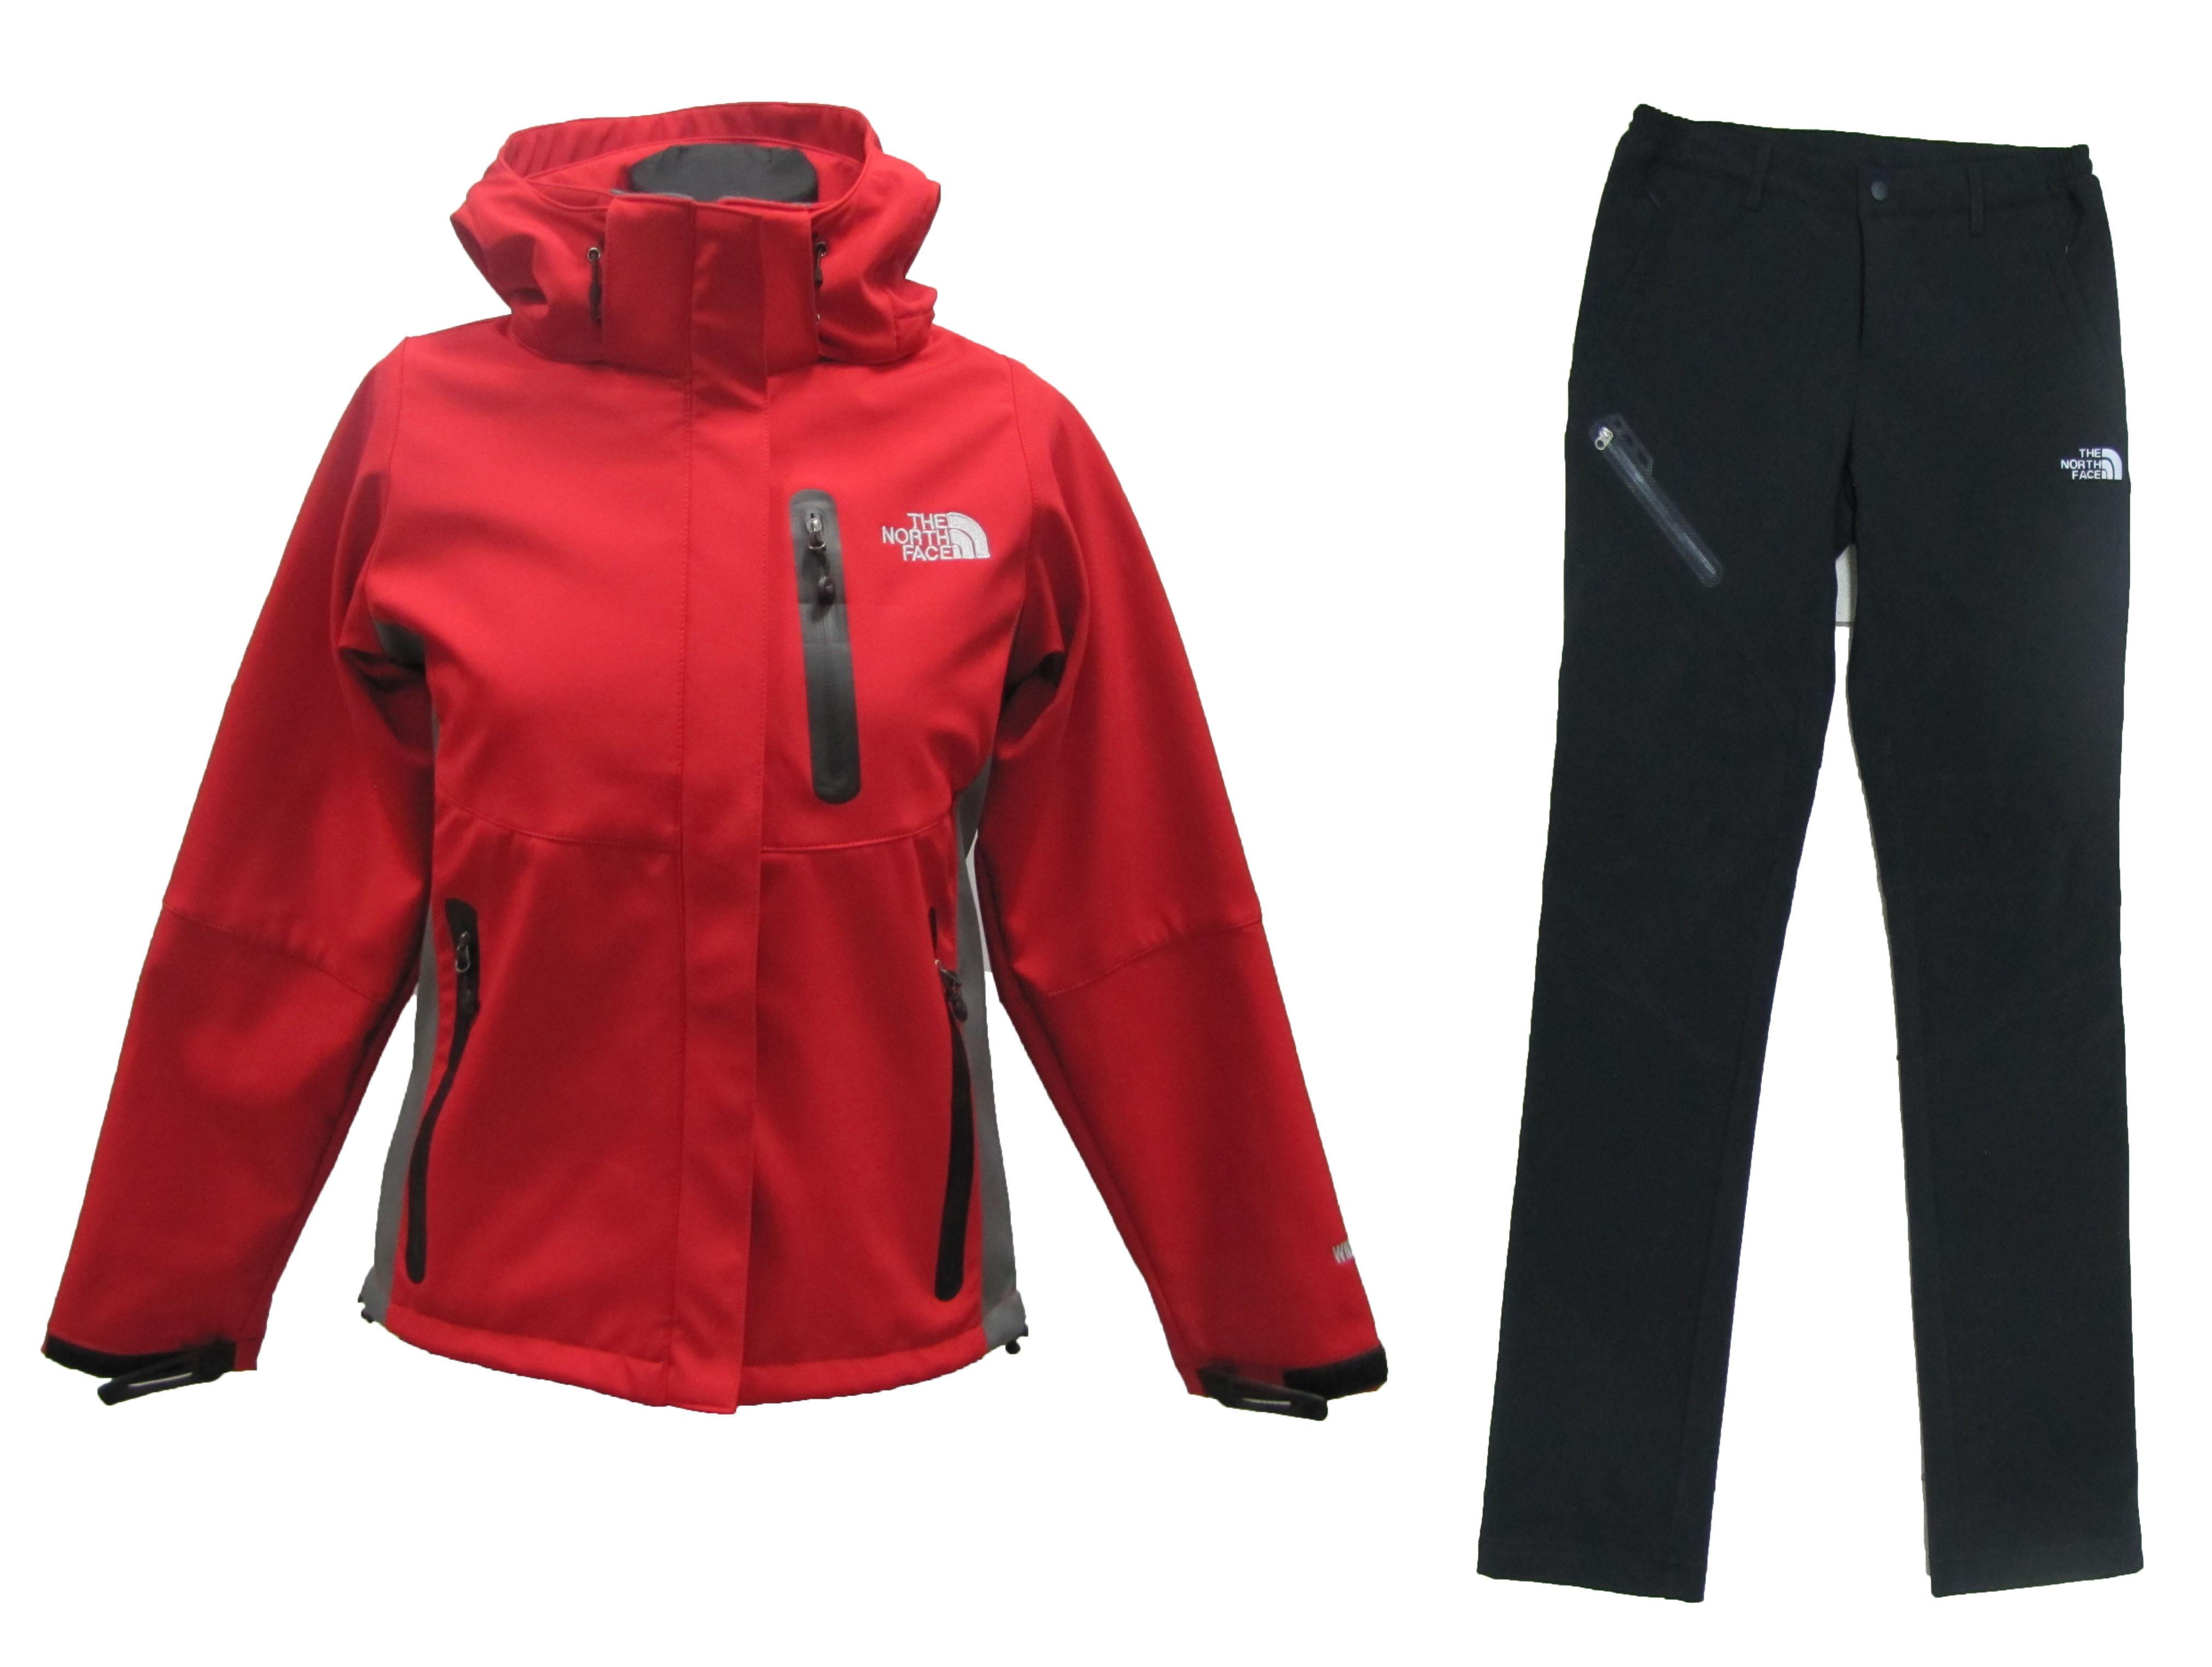 Сбор заказов.Stаlgert - мужские, женские костюмы ,куртки , ветровки , штаны, шорты,подростковые ,детские костюмы, Цены